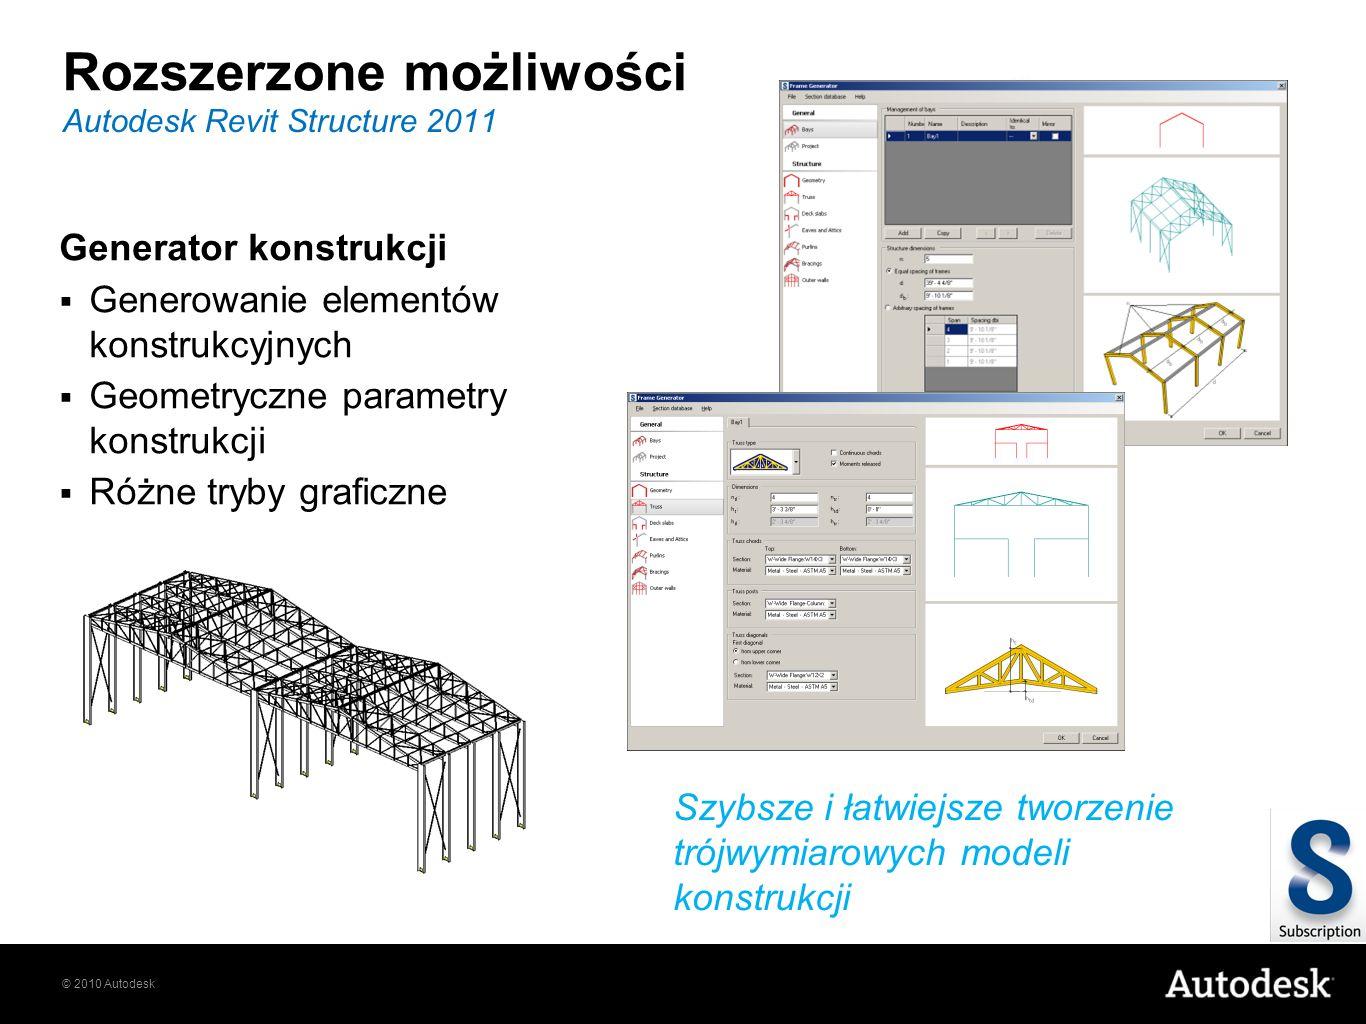 © 2010 Autodesk Rozszerzone możliwości Generator konstrukcji Generowanie elementów konstrukcyjnych Geometryczne parametry konstrukcji Różne tryby graficzne Autodesk Revit Structure 2011 Szybsze i łatwiejsze tworzenie trójwymiarowych modeli konstrukcji